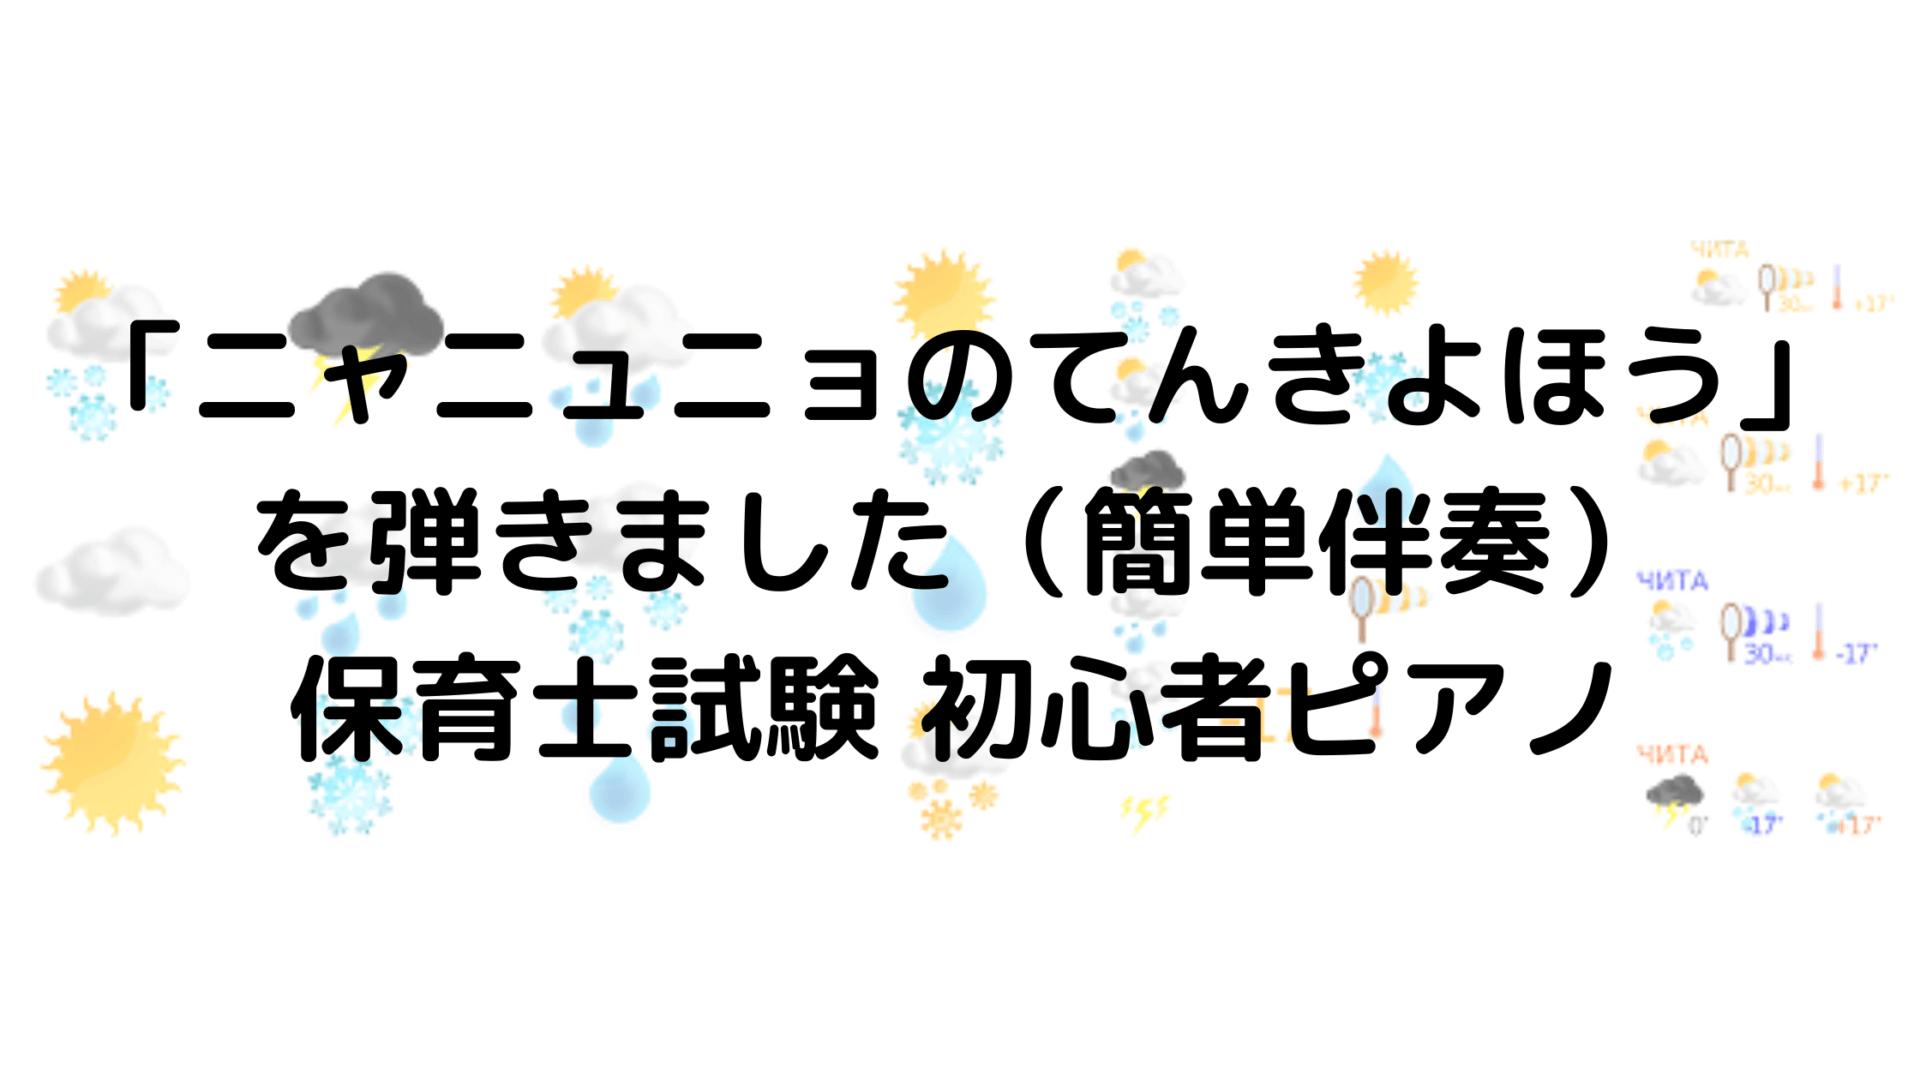 天気マークの背景に「ニャニュニョのてんきよほう」簡単伴奏 保育士試験 初心者ピアノの文字入れ